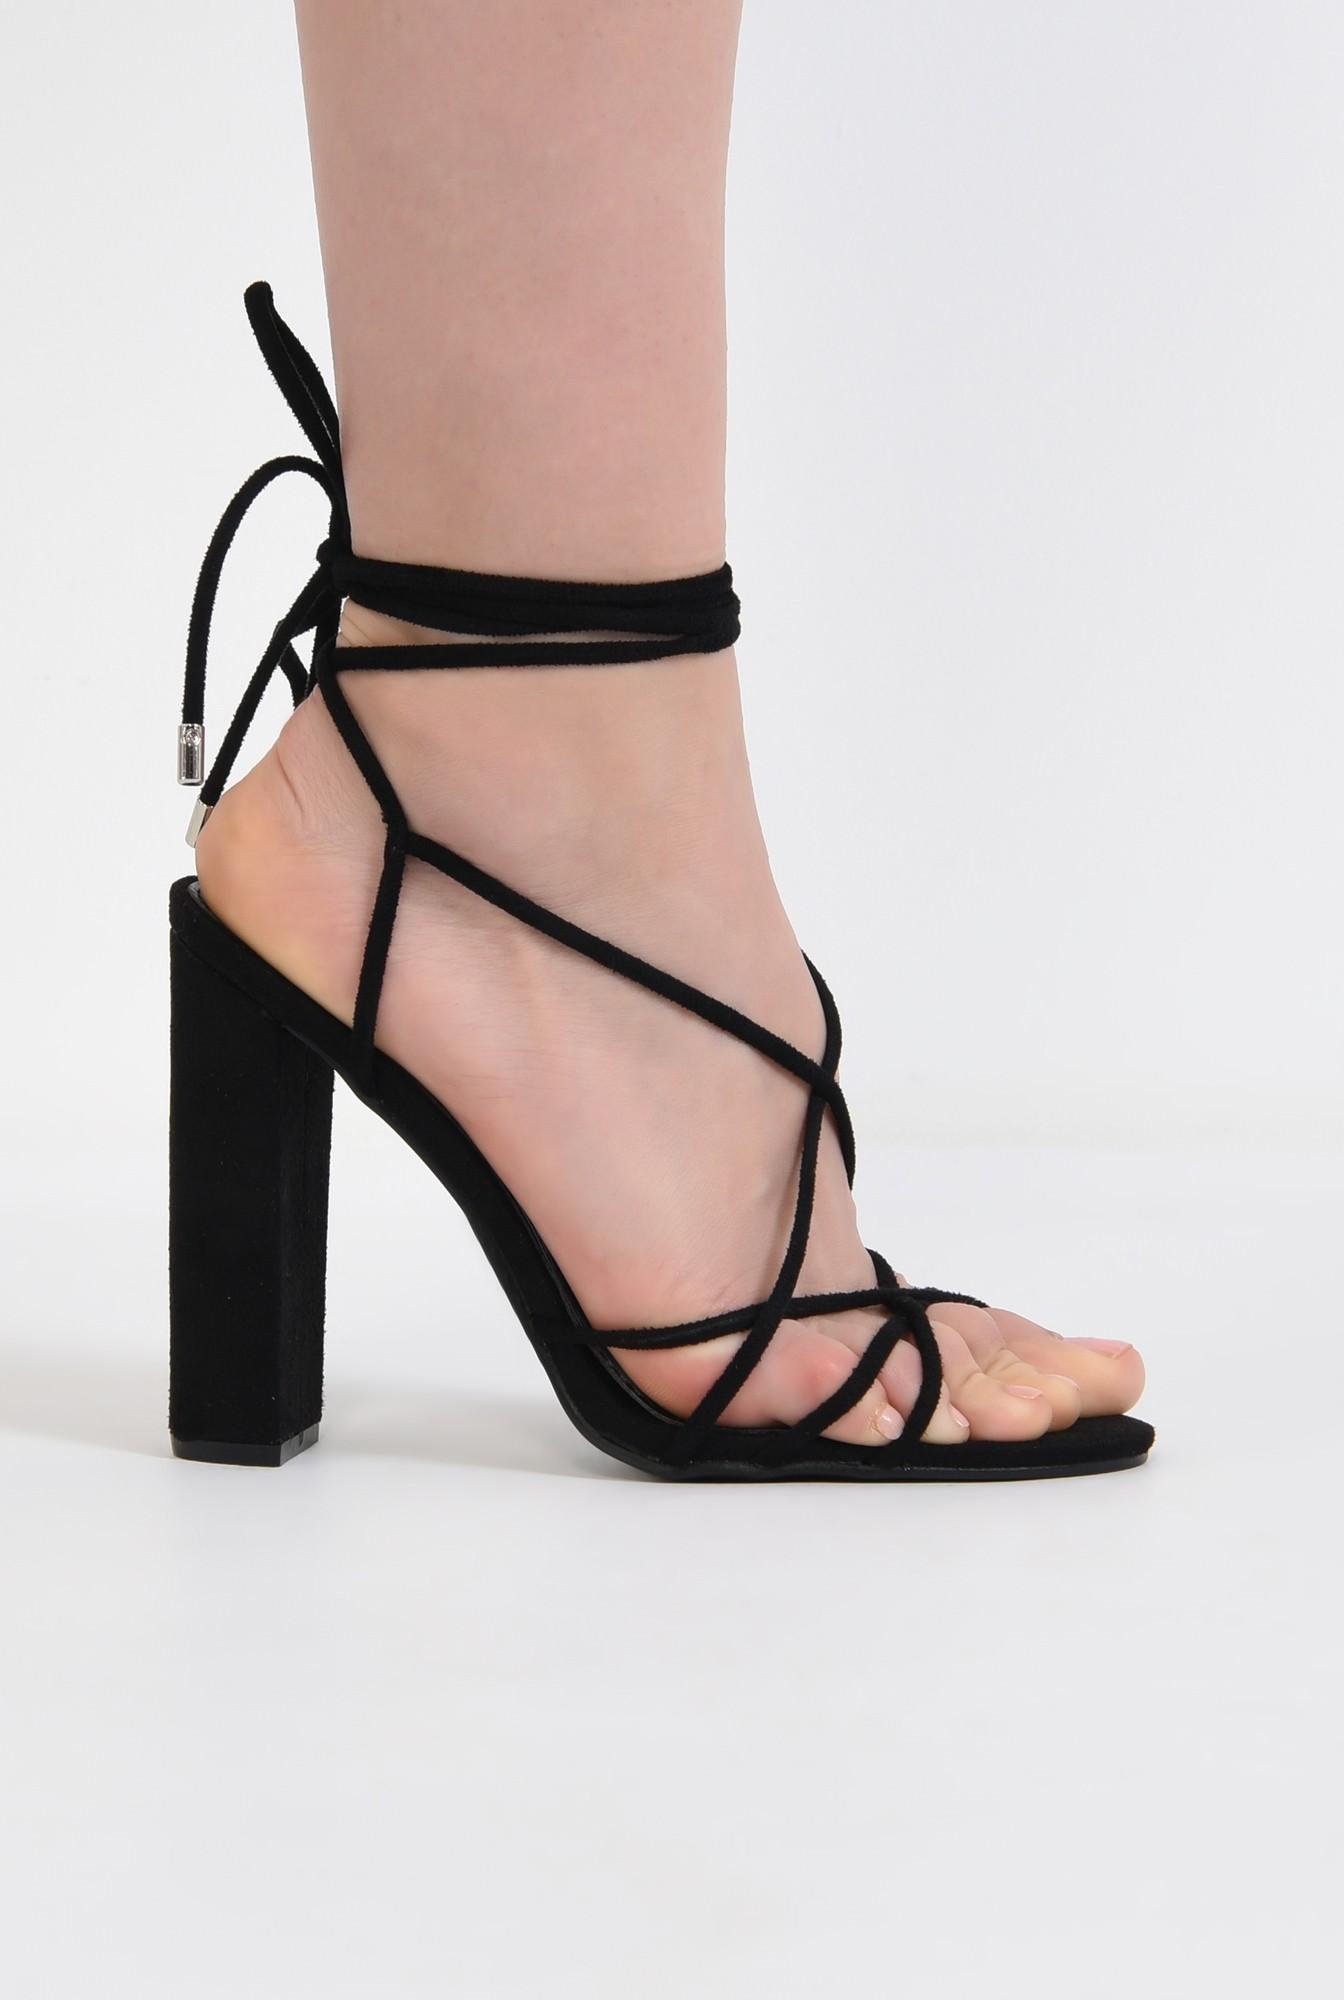 0 - sandale elegante, negre, cu toc gros, barete tip snur